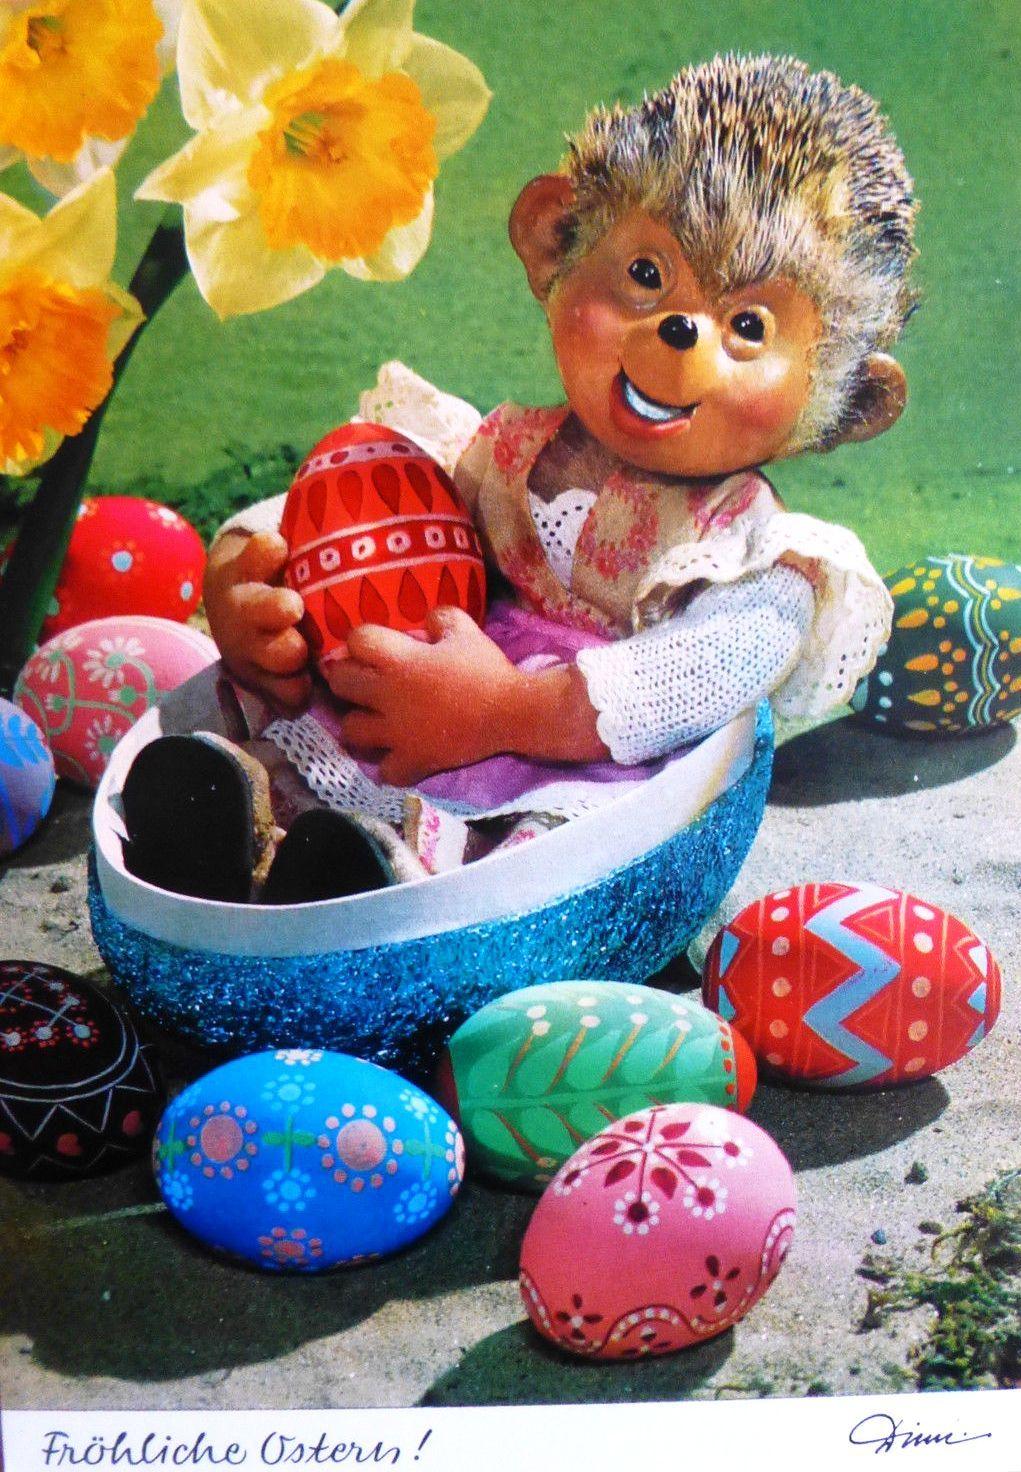 358 Fröhliche Ostern!